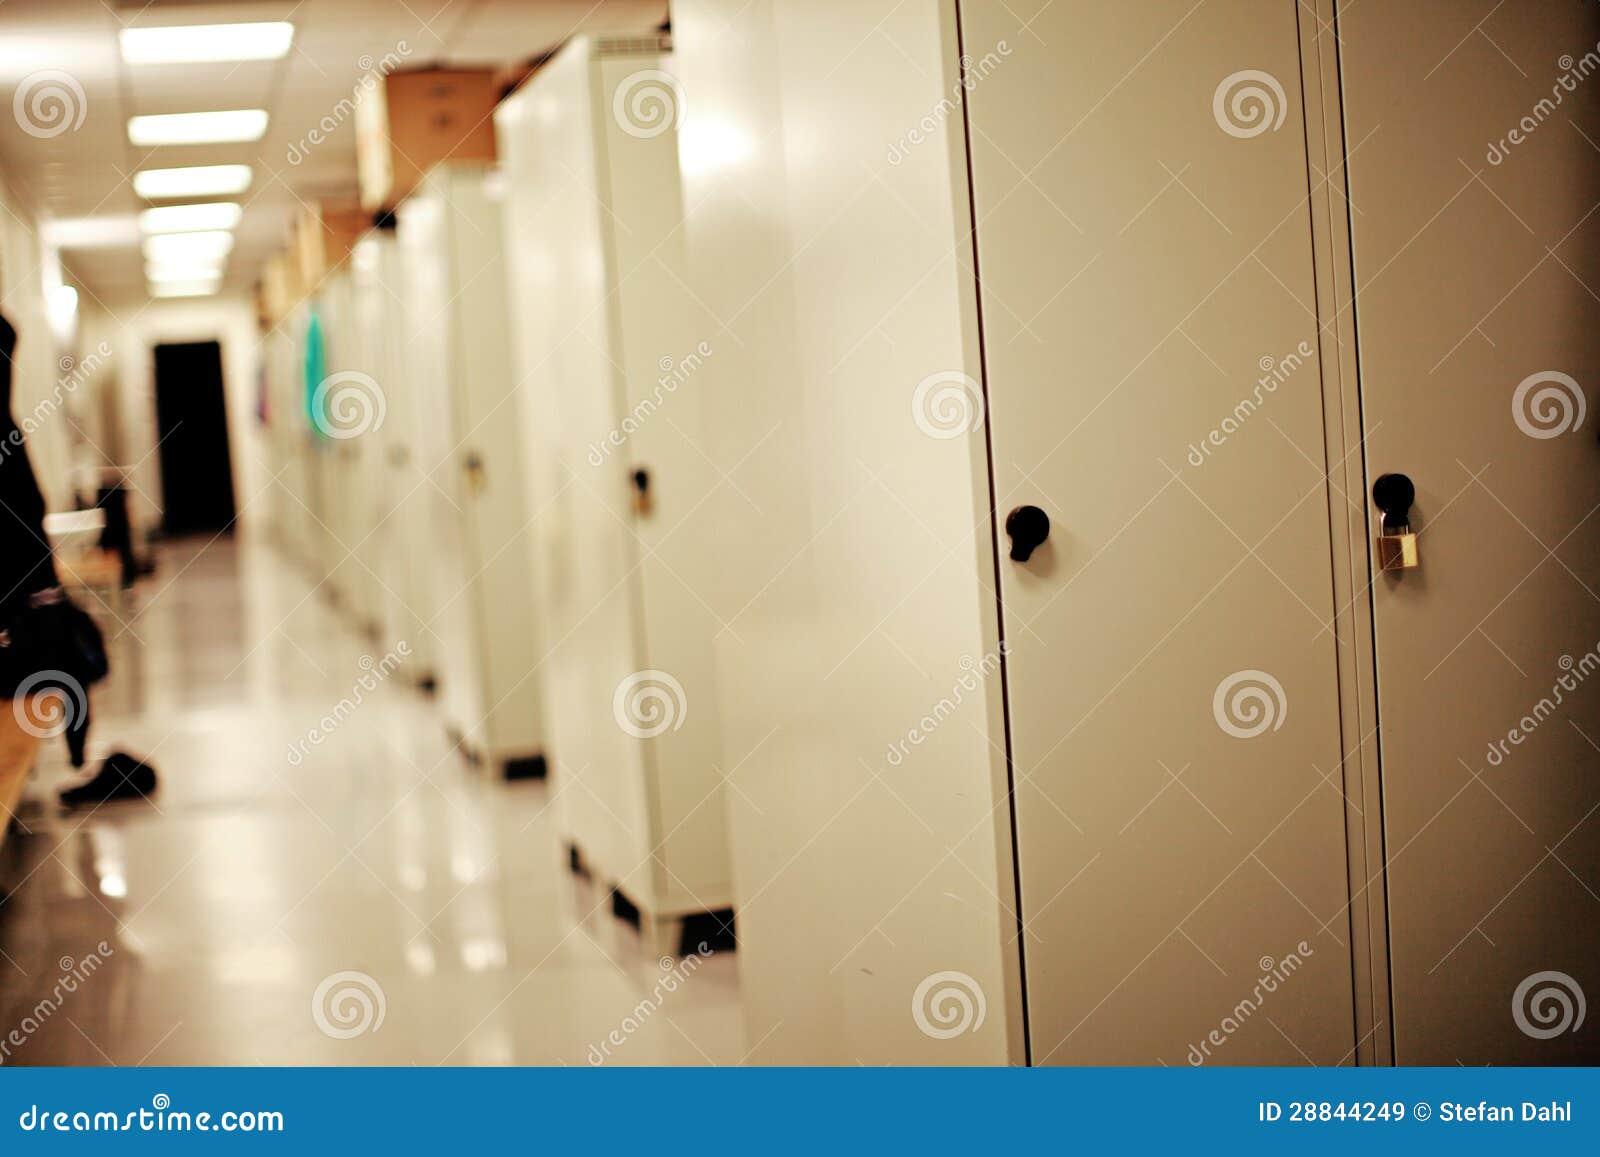 Candado en una puerta del armario im genes de archivo - Armario de una puerta ...